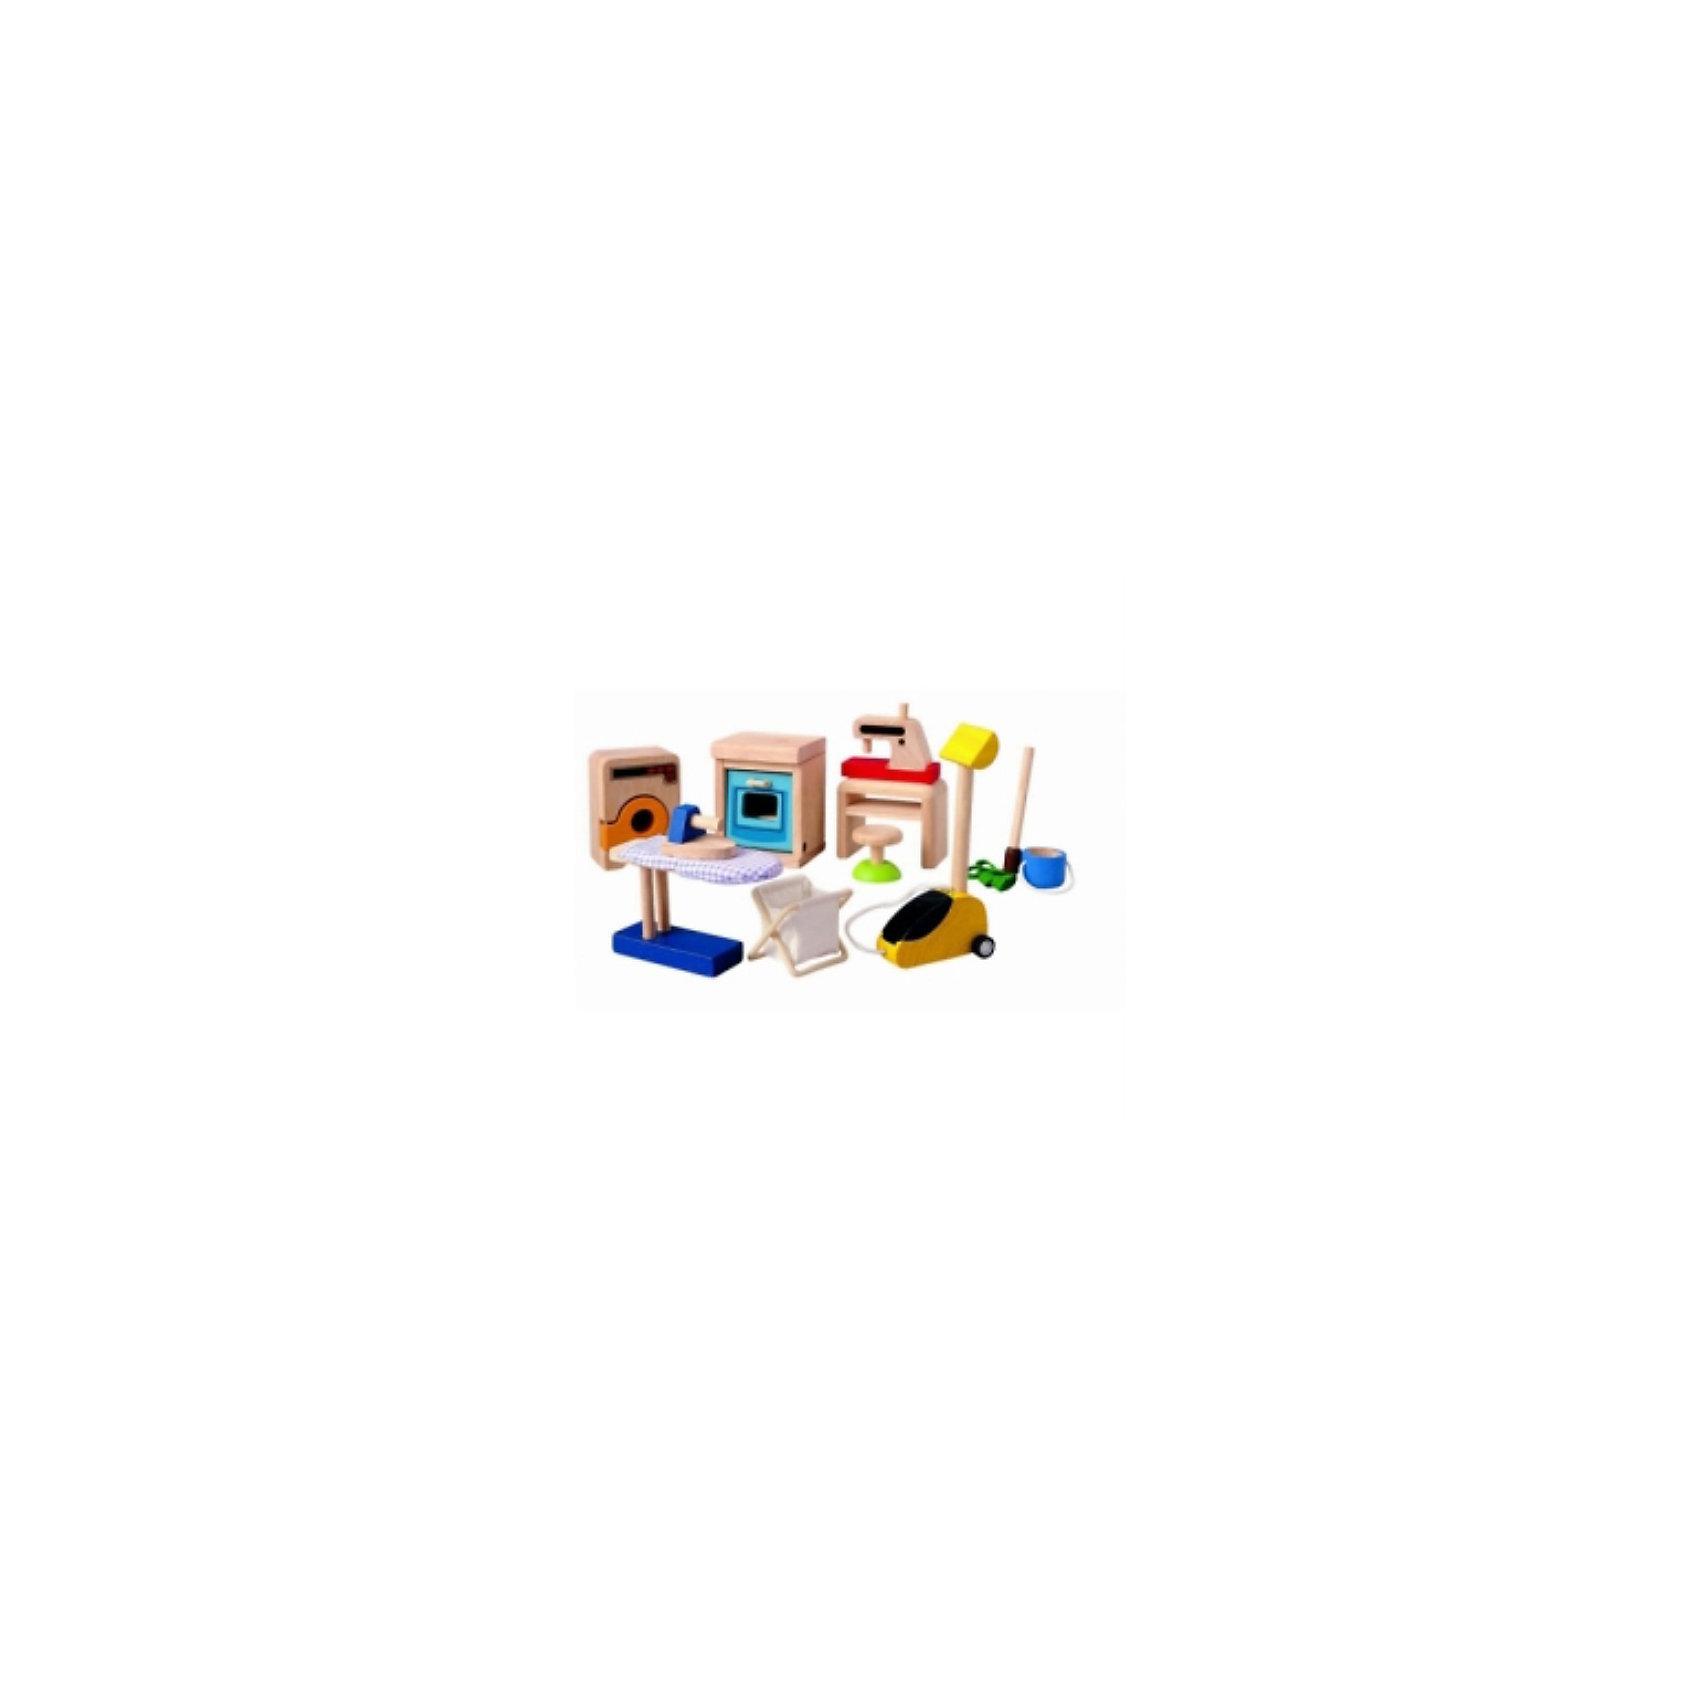 PLAN TOYS 9710 Аксессуары для кукольного дома